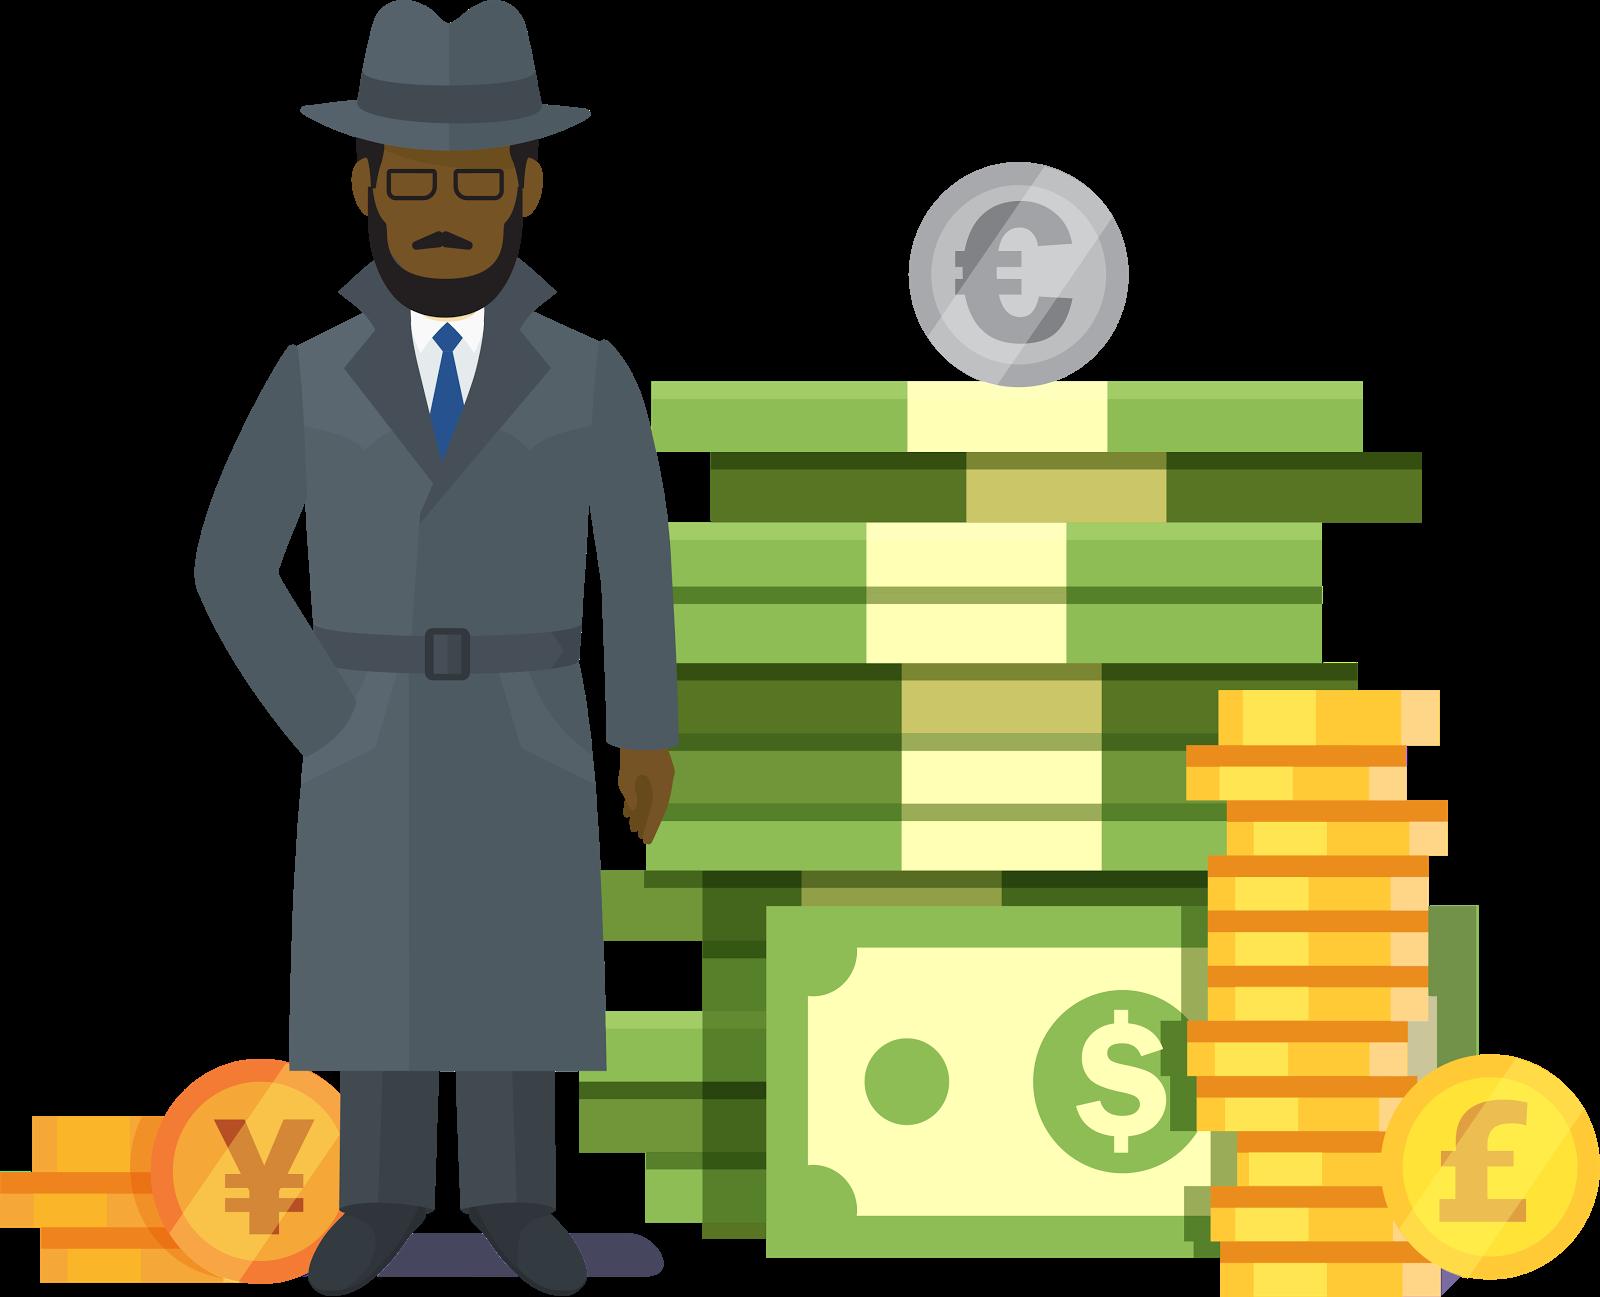 会社の各ユーザに固有の通貨が設定されます